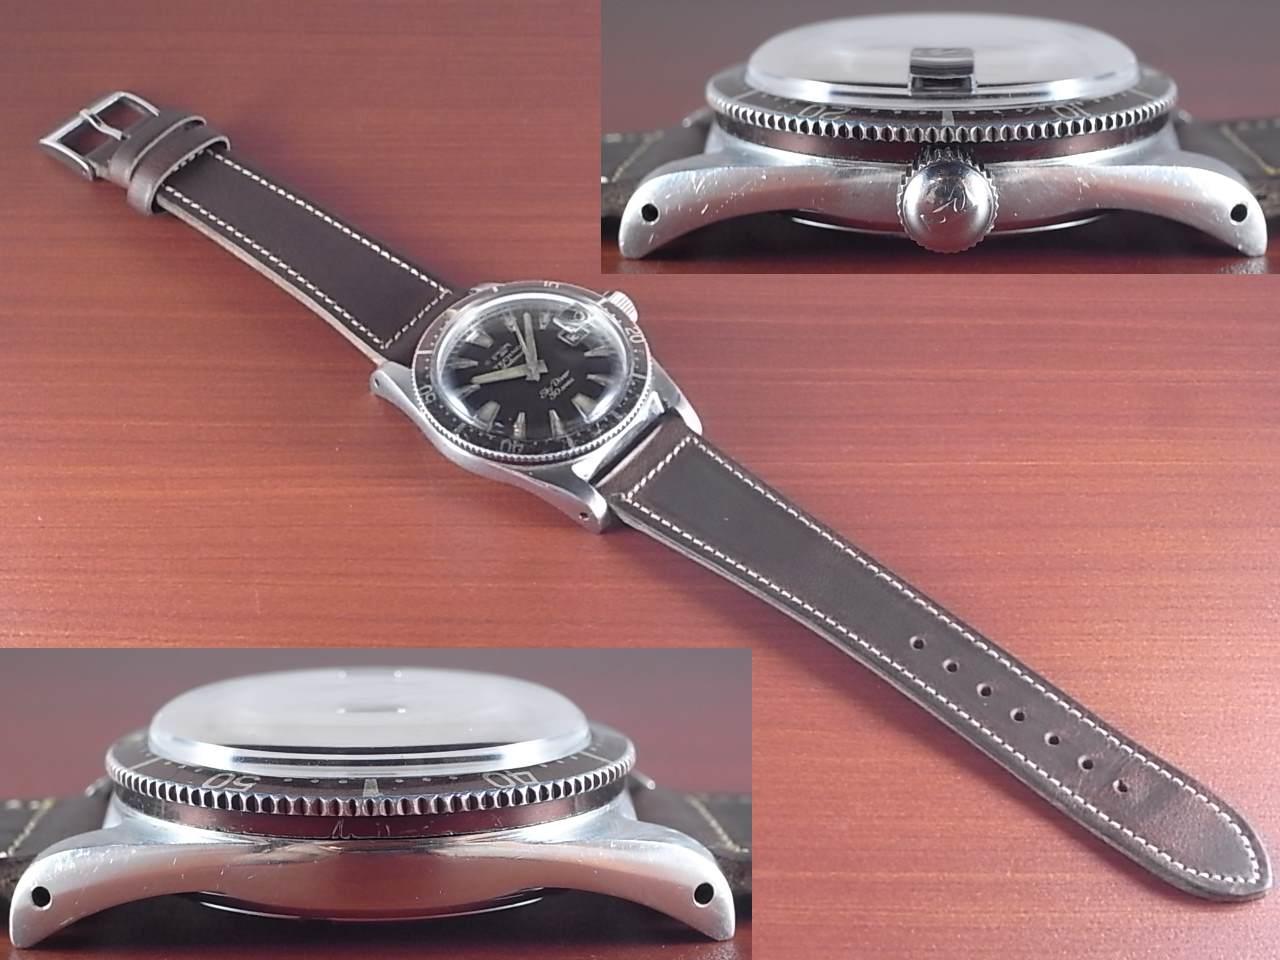 テクノス スカイダイバー トロピカルダイアル 30JEWELS 1960年代の写真3枚目